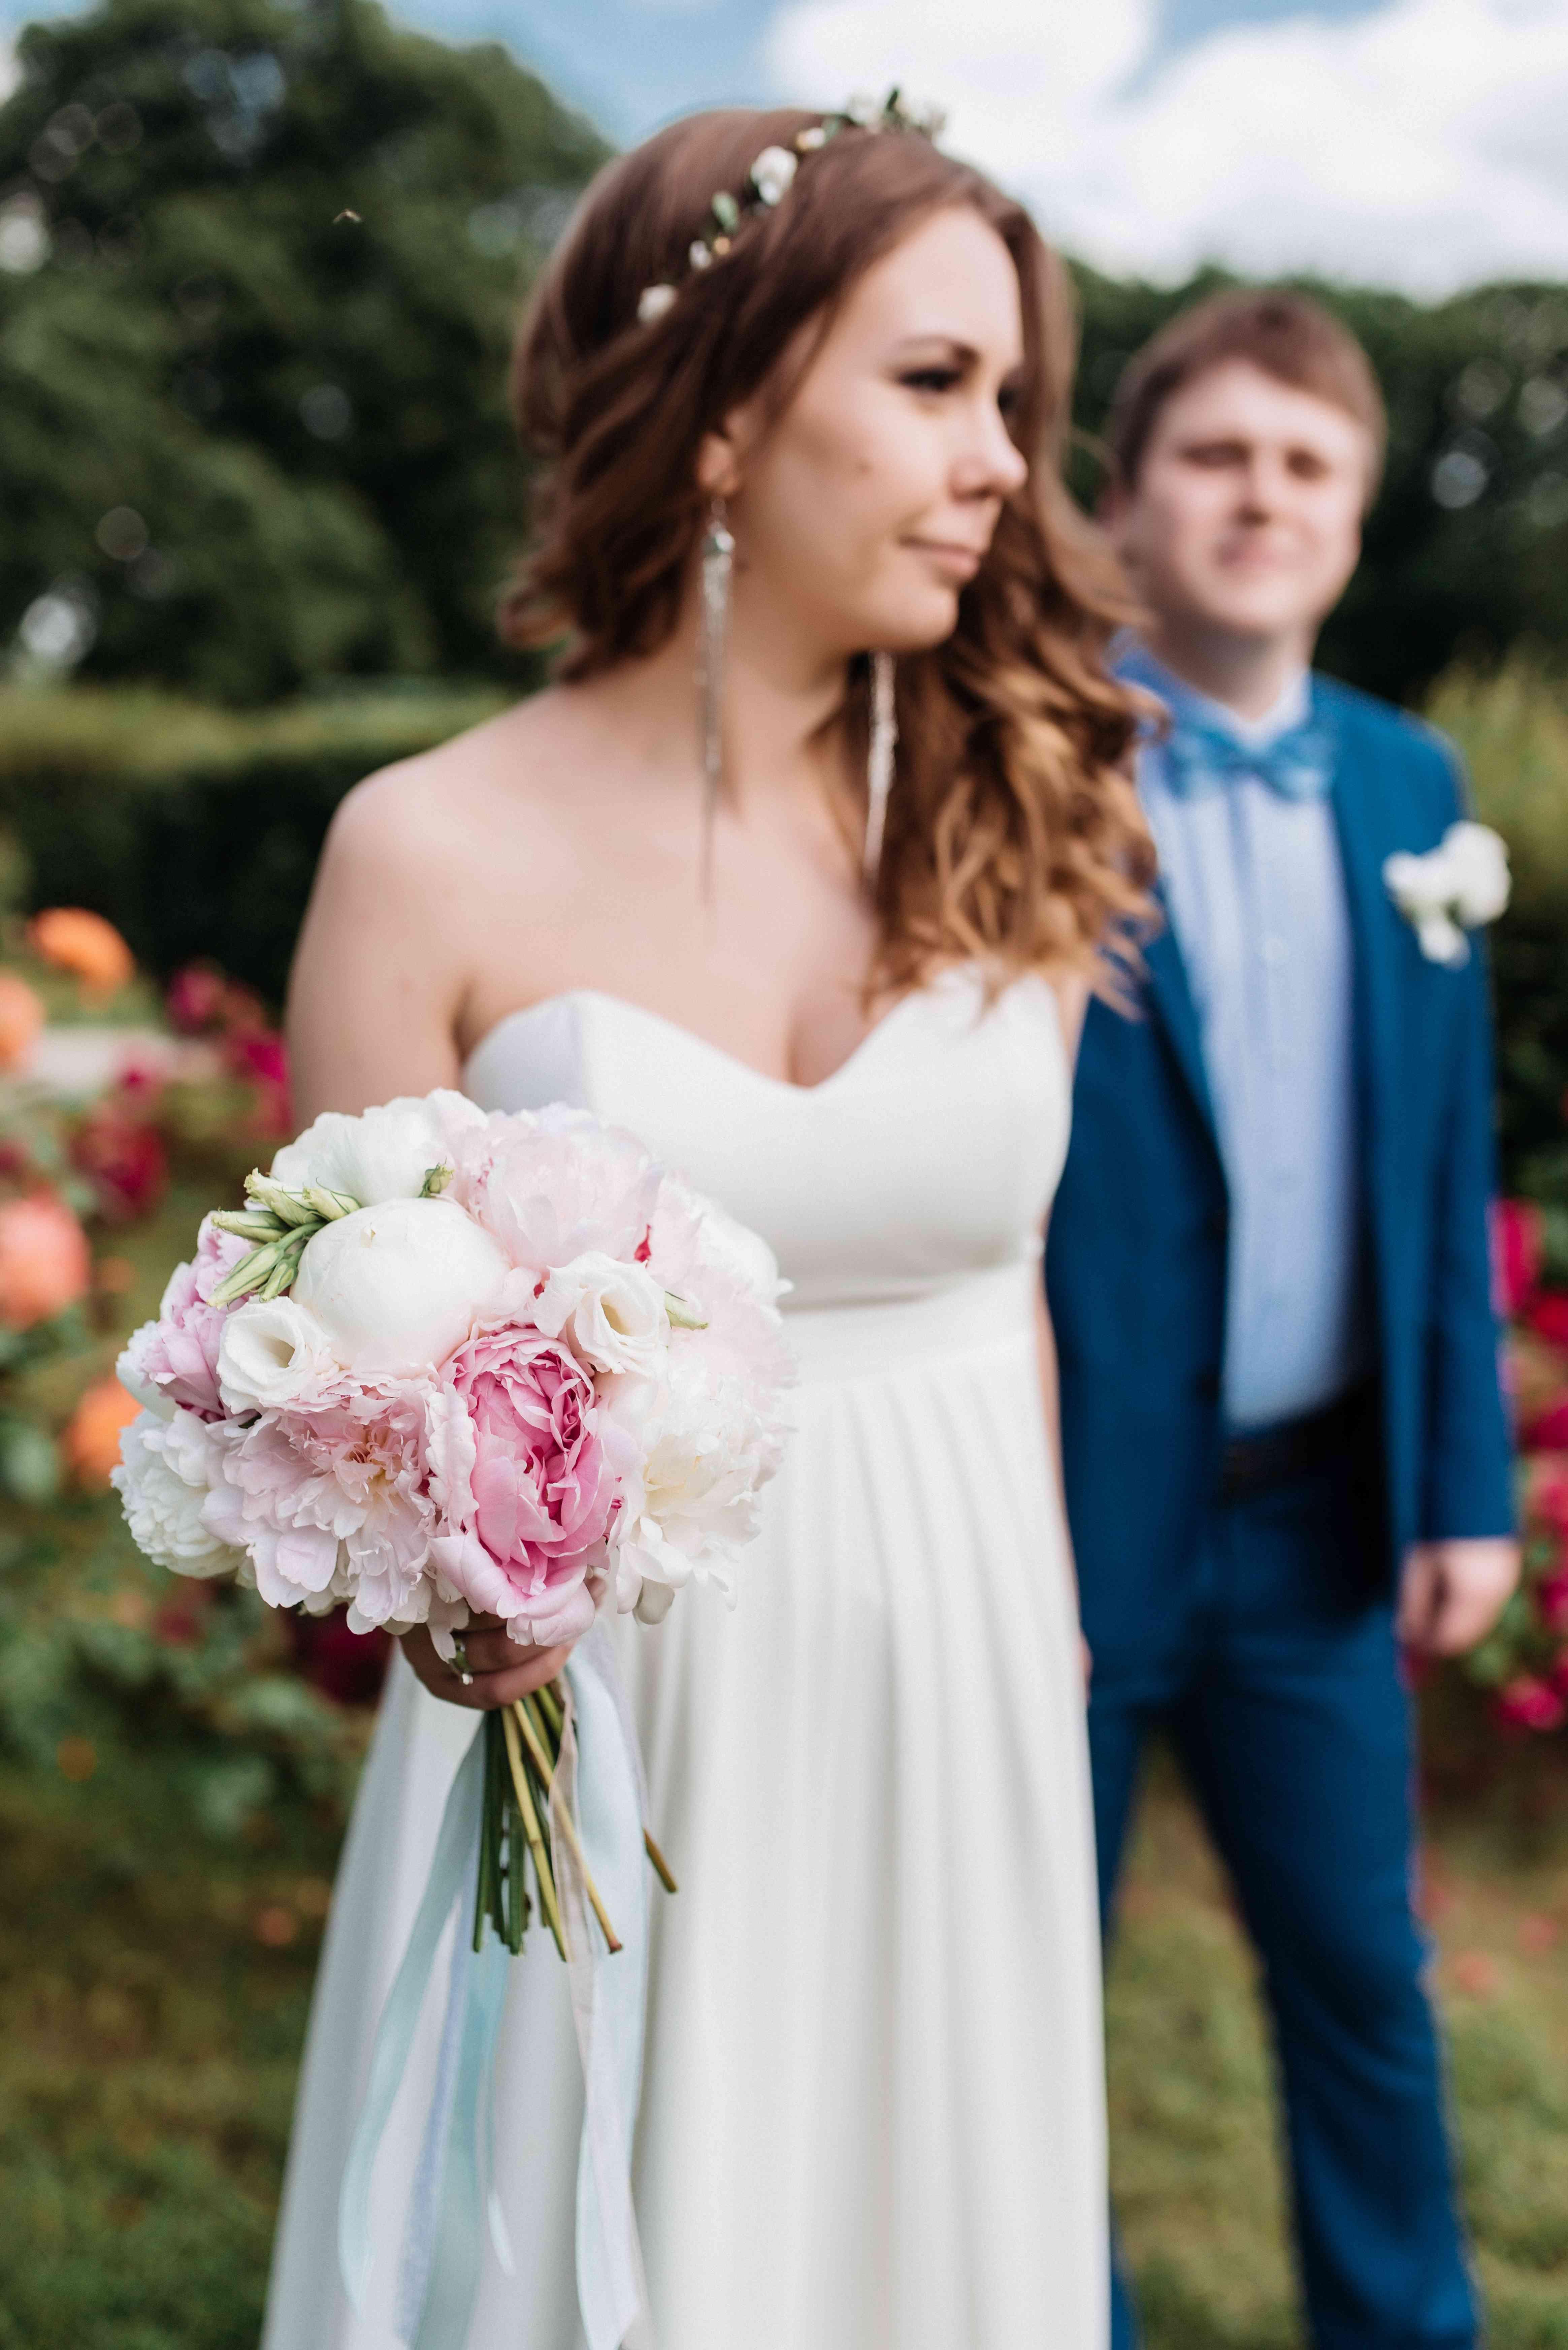 невеста, жених, букет невесты, пионы